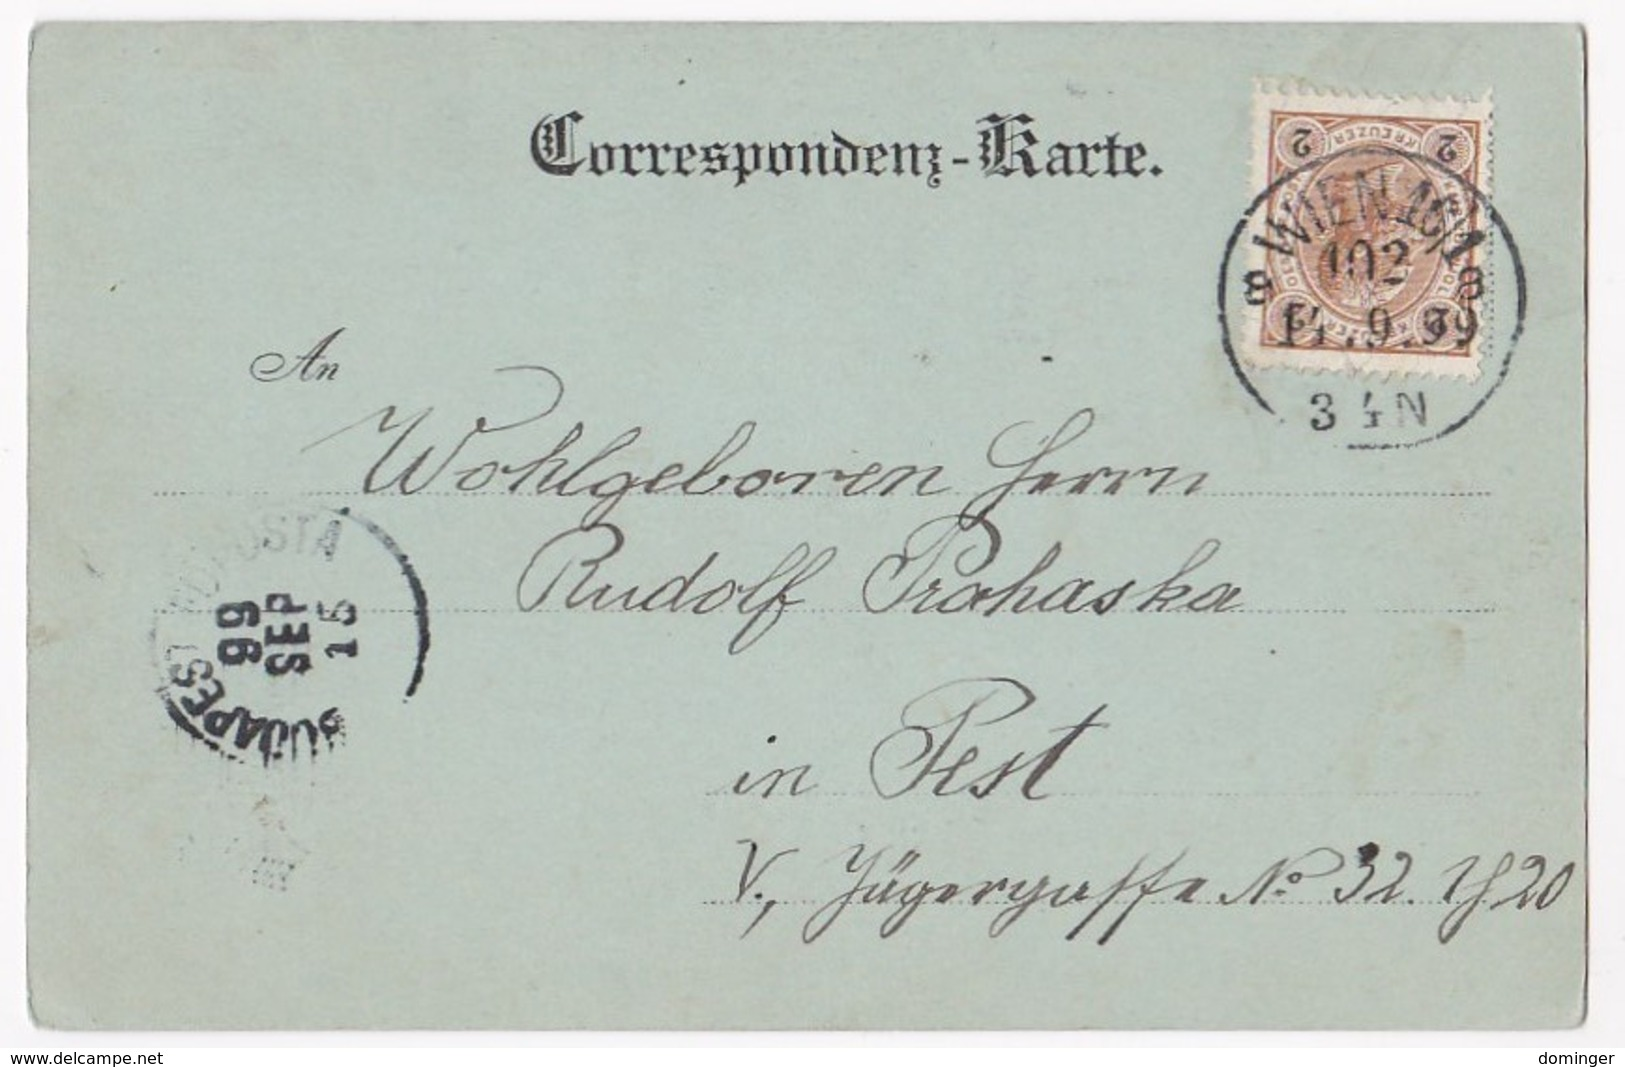 Alte Foto AK 1910' Österreich Wien - Vienna